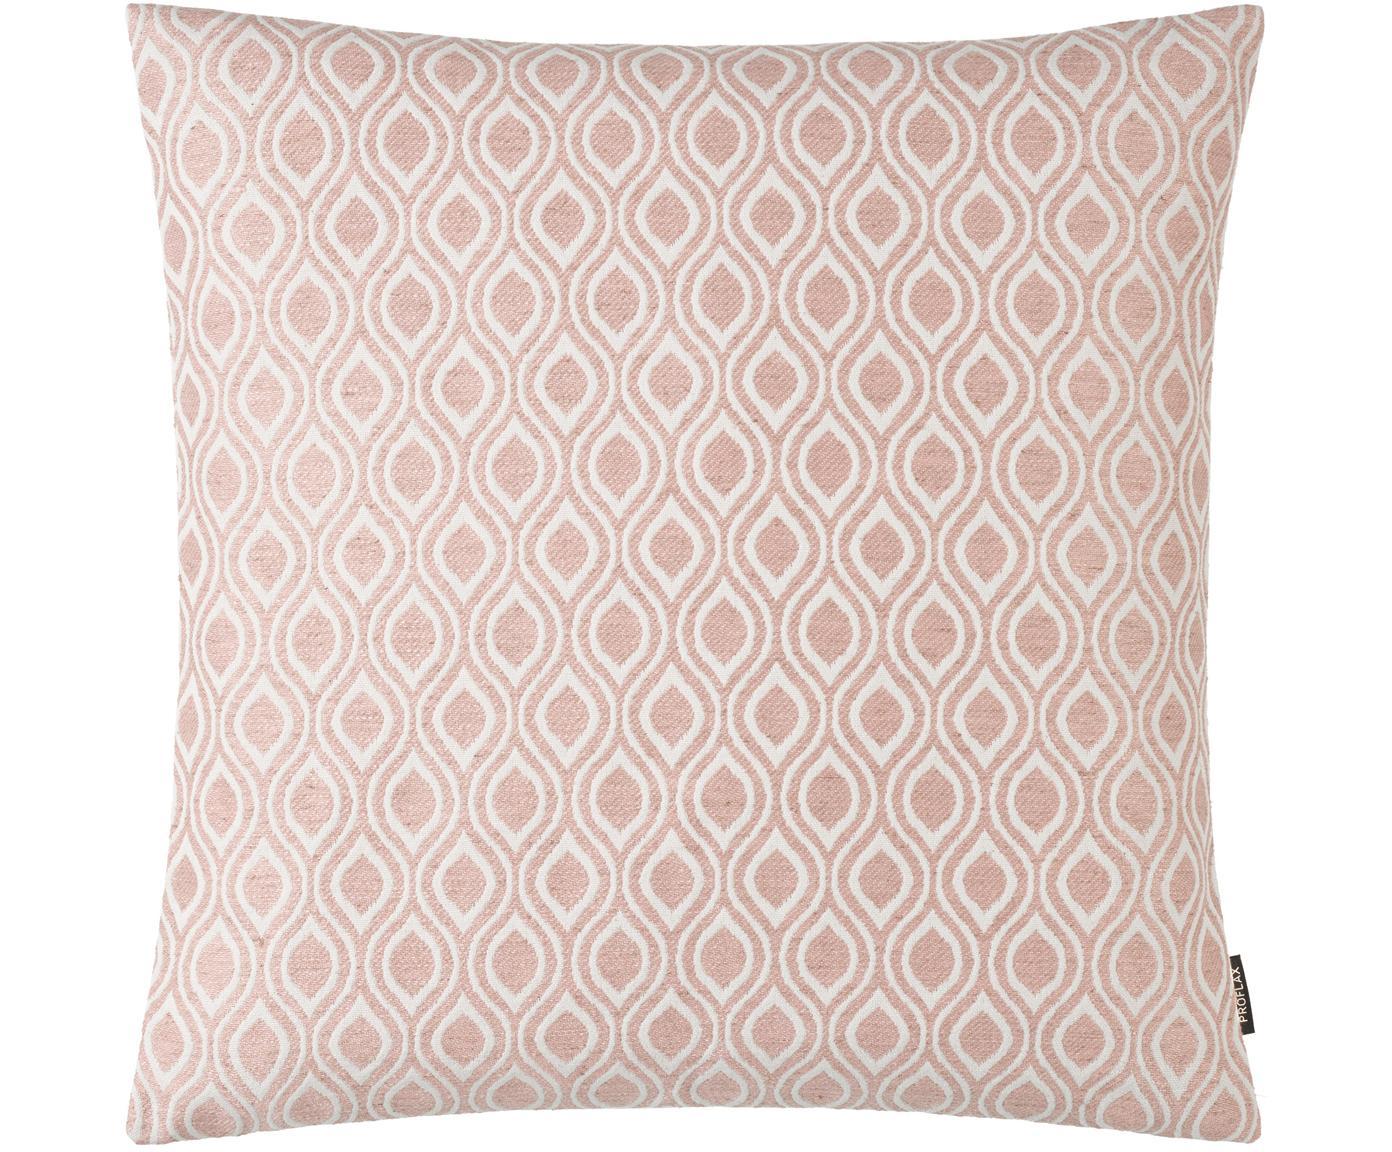 Kussenhoes Peppino met roze en wit patroon, 51%viscose, 25%polyester, 15%linnen, 9%katoen, Roze, crèmekleurig, 40 x 40 cm